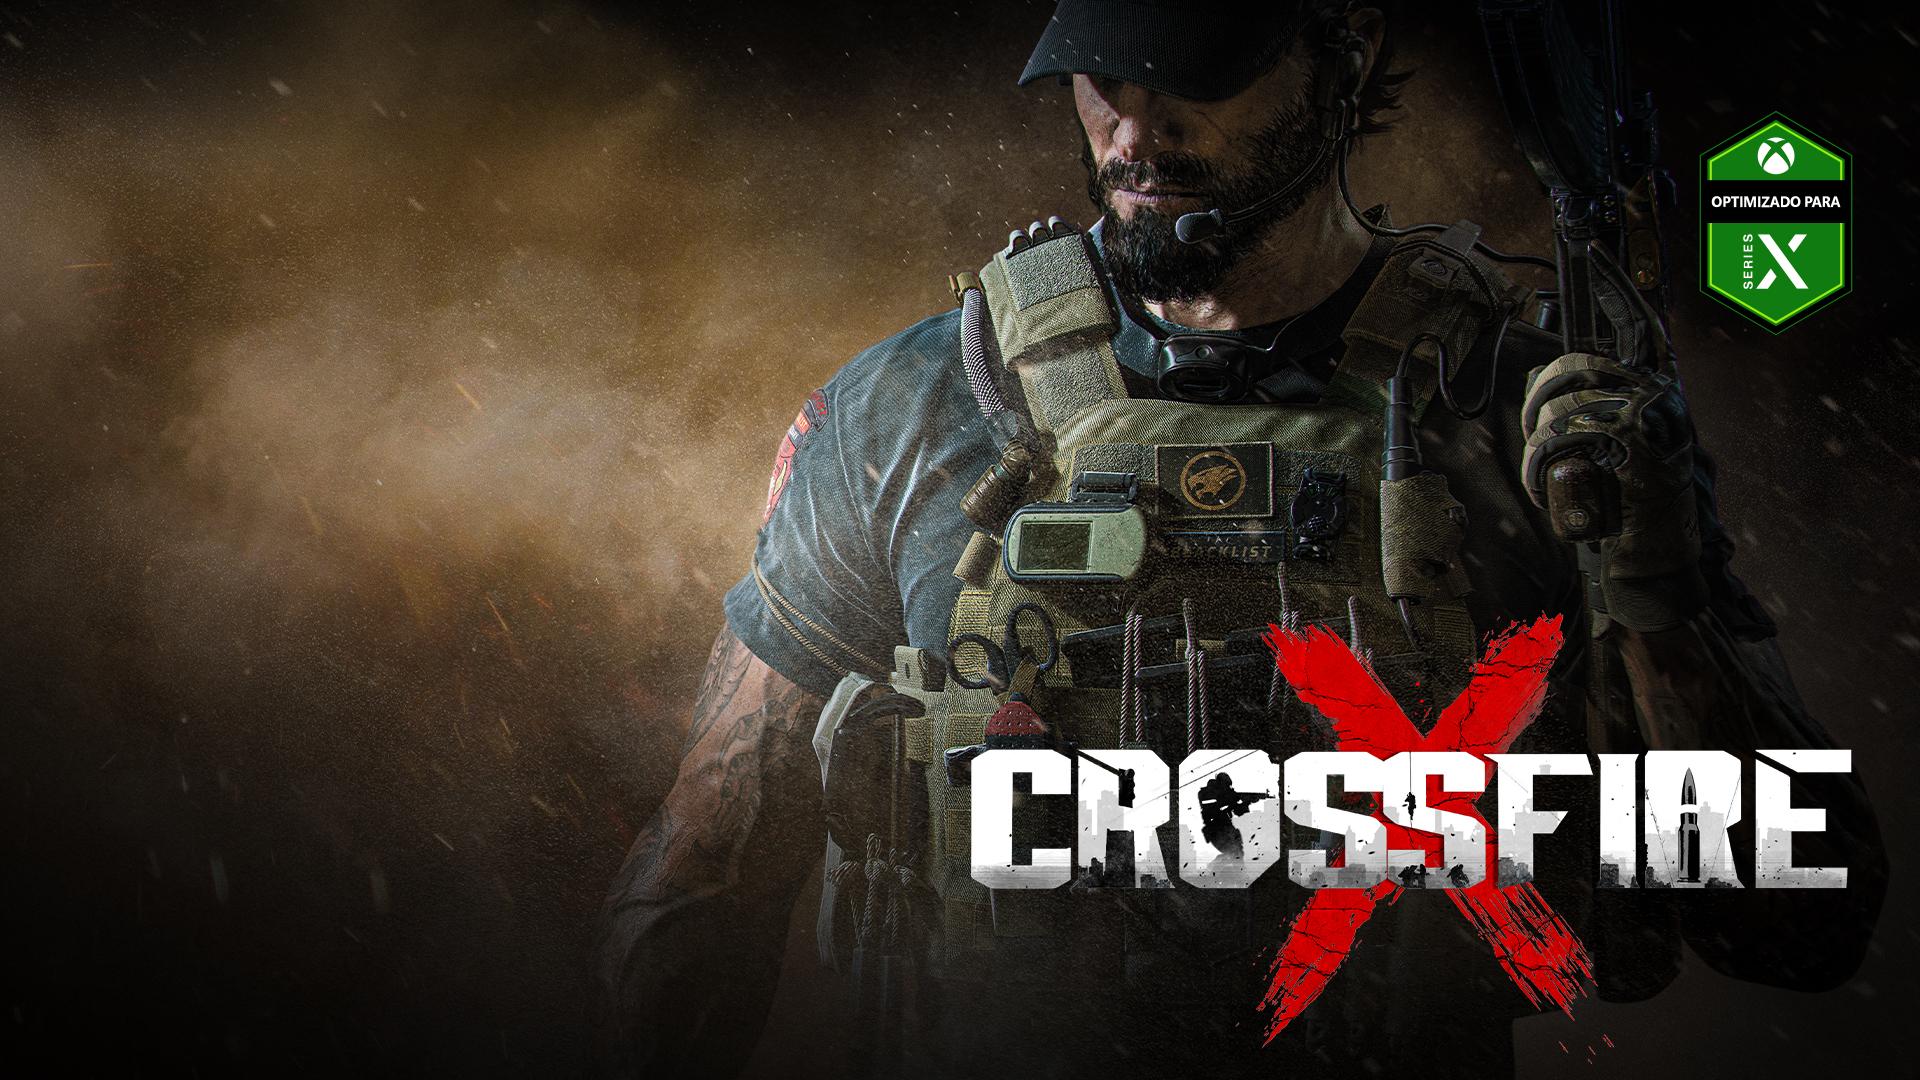 CrossfireX, otimizado para o Xbox Series X, um homem fortemente equipado fica no meio de fumaça e cinzas